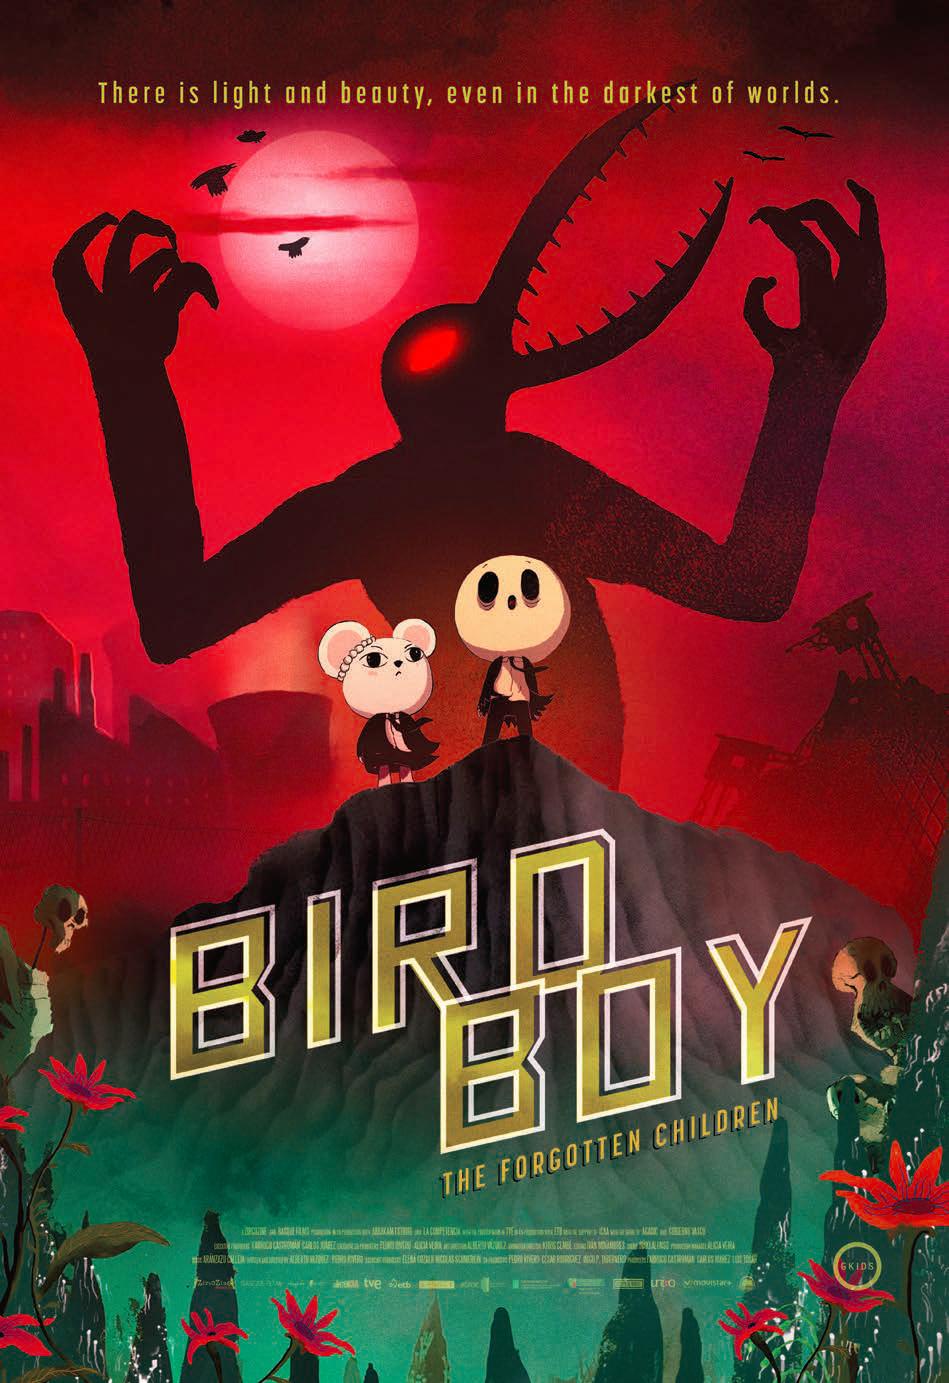 Birdboy: The Forgotten Children (Psiconautas, los niños olvidados)